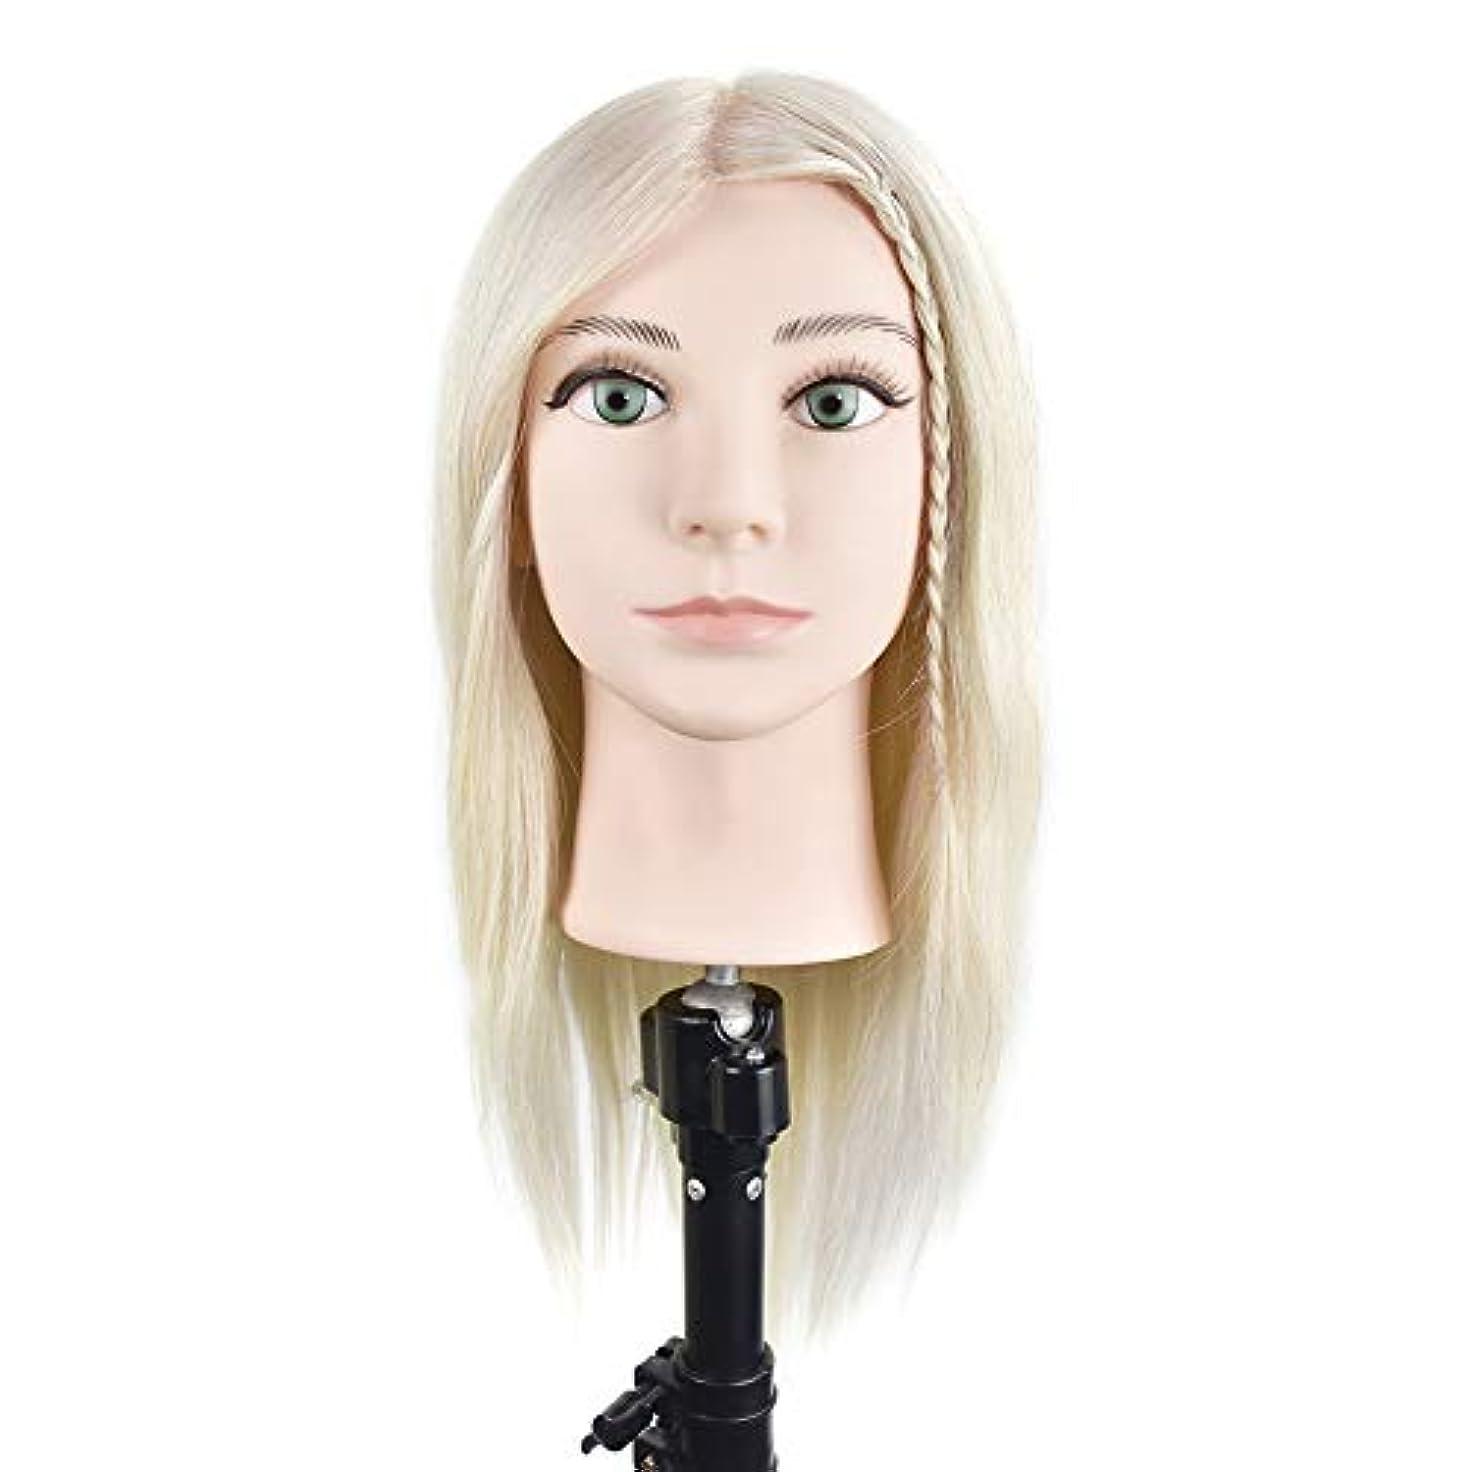 倍増哲学博士一専門の練習ホット染色漂白はさみモデリングマネキン髪編組髪かつら女性モデルティーチングヘッド